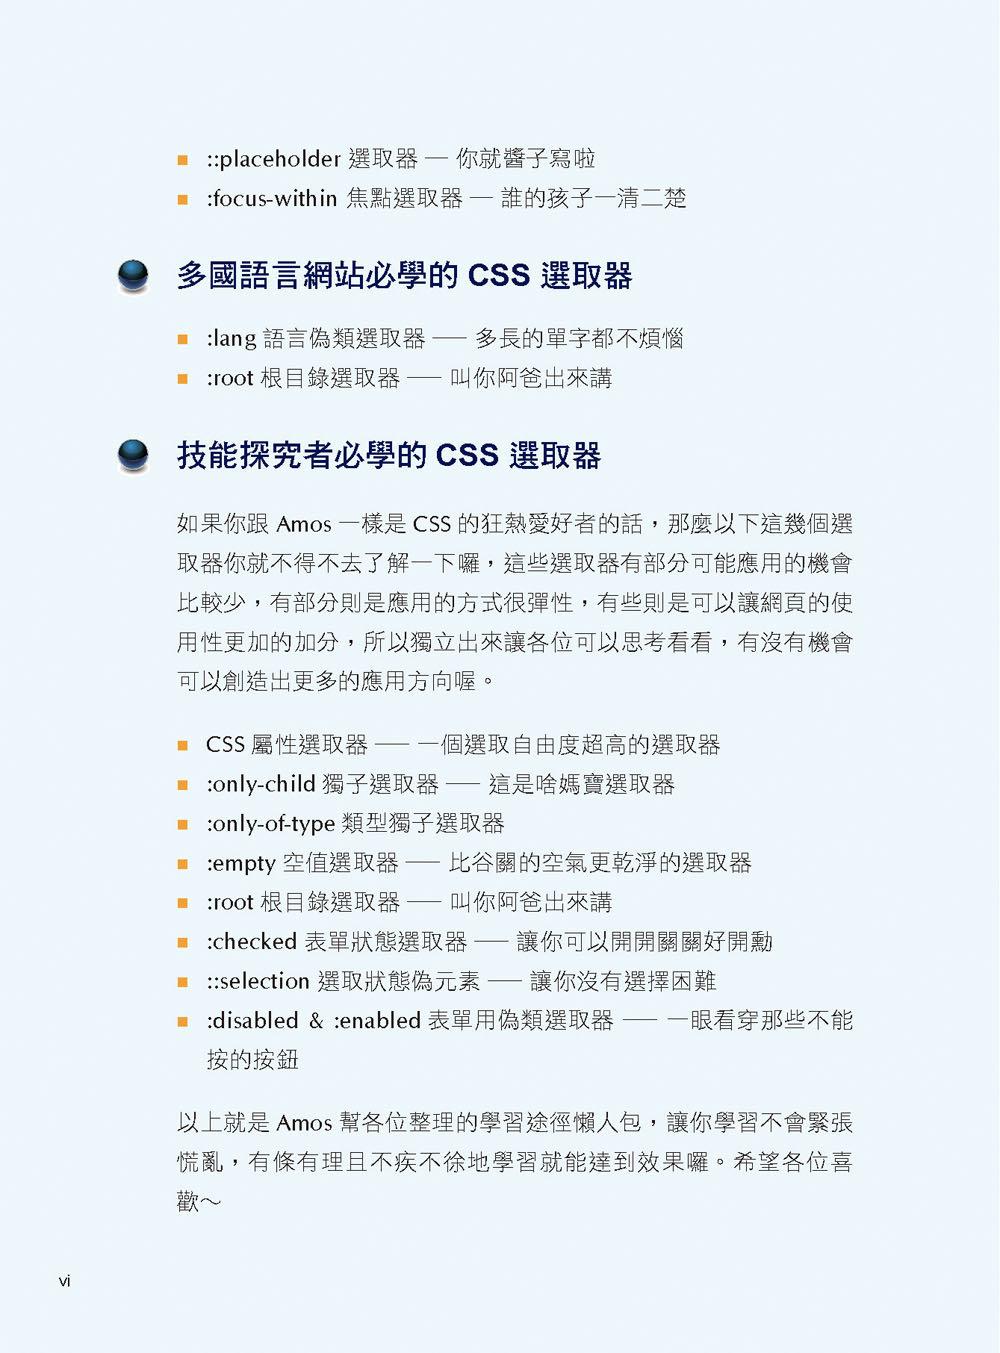 金魚都能懂的 CSS 選取器:金魚都能懂了你還怕學不會嗎(iT邦幫忙鐵人賽系列書)-preview-7